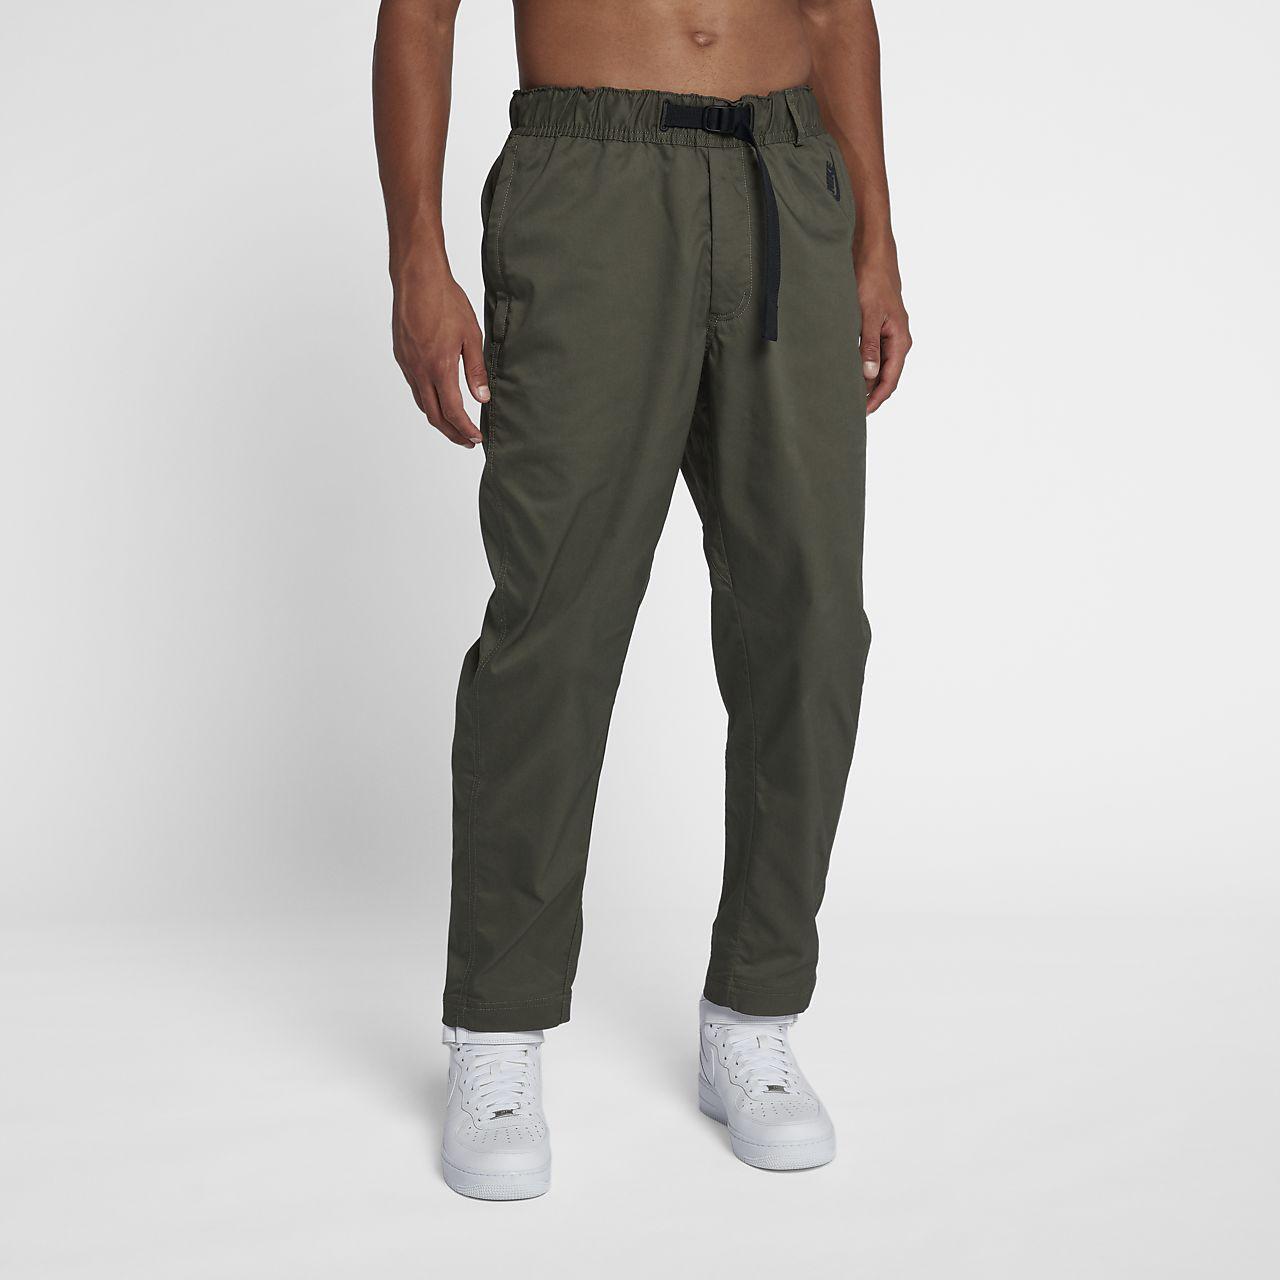 NikeLab Collection vevd bukse til herre